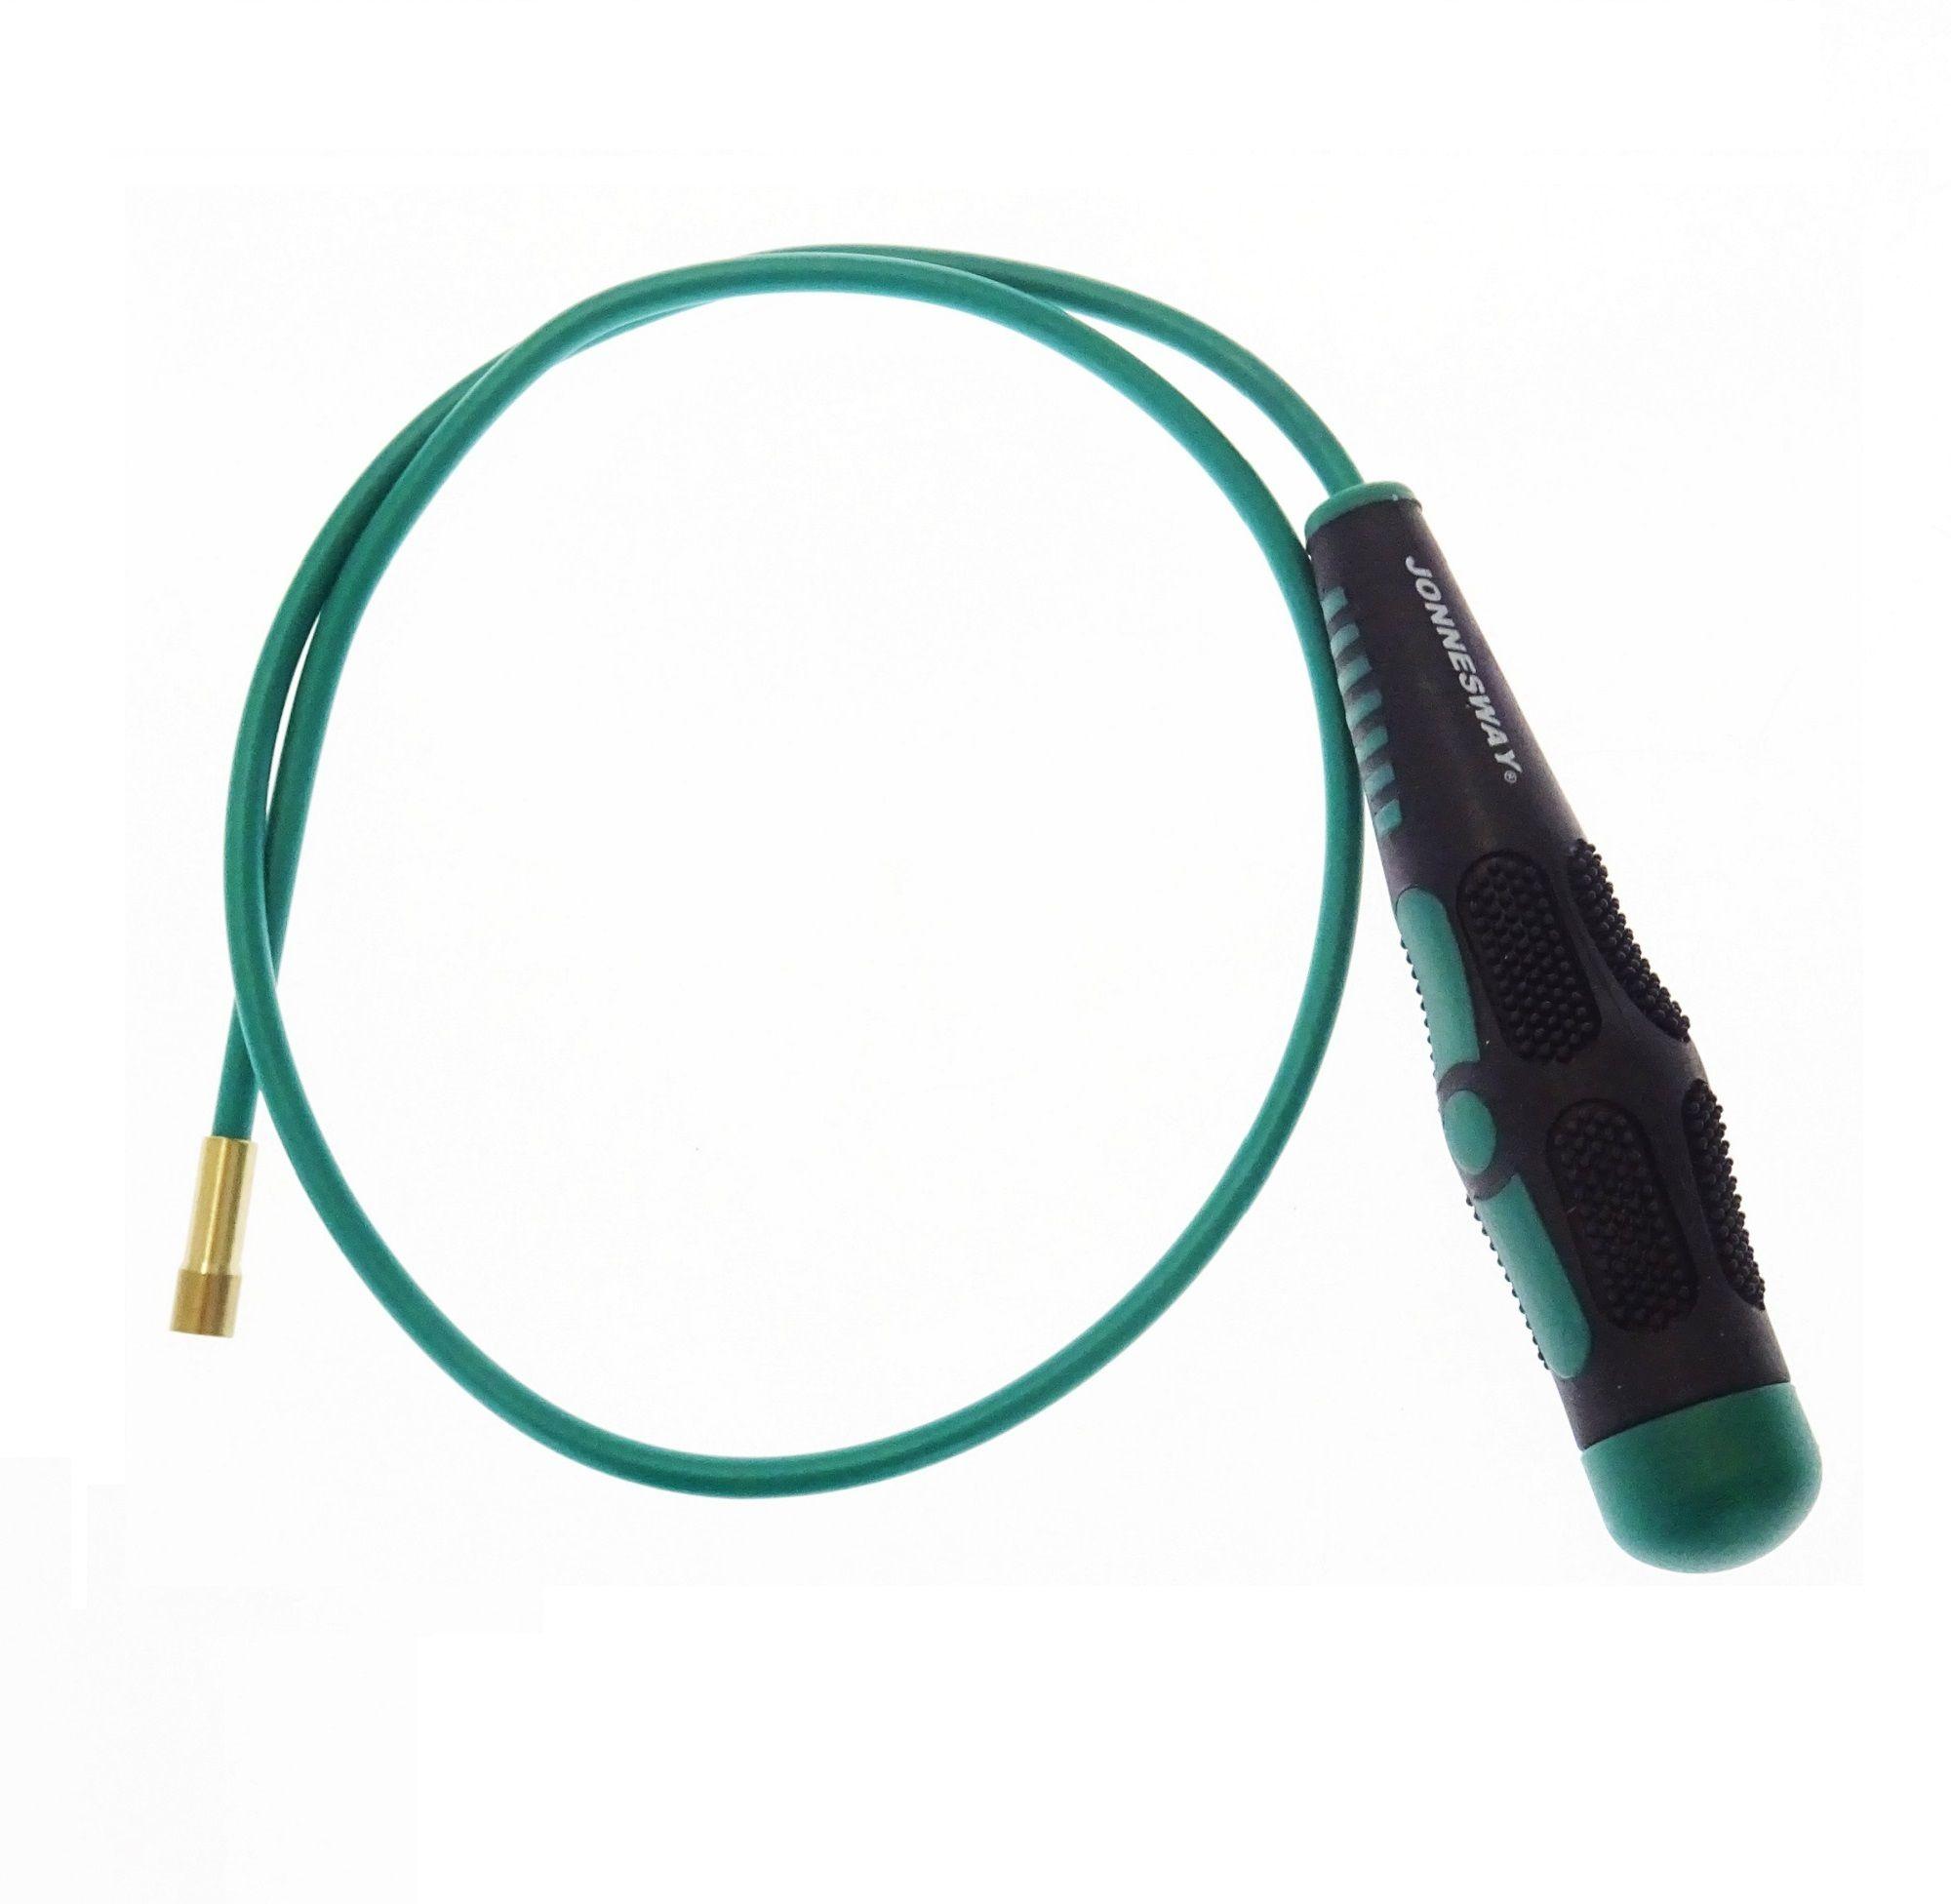 Magnetický vytahovák předmětů ohebný, délka 525 mm - JONNESWAY AG010190B